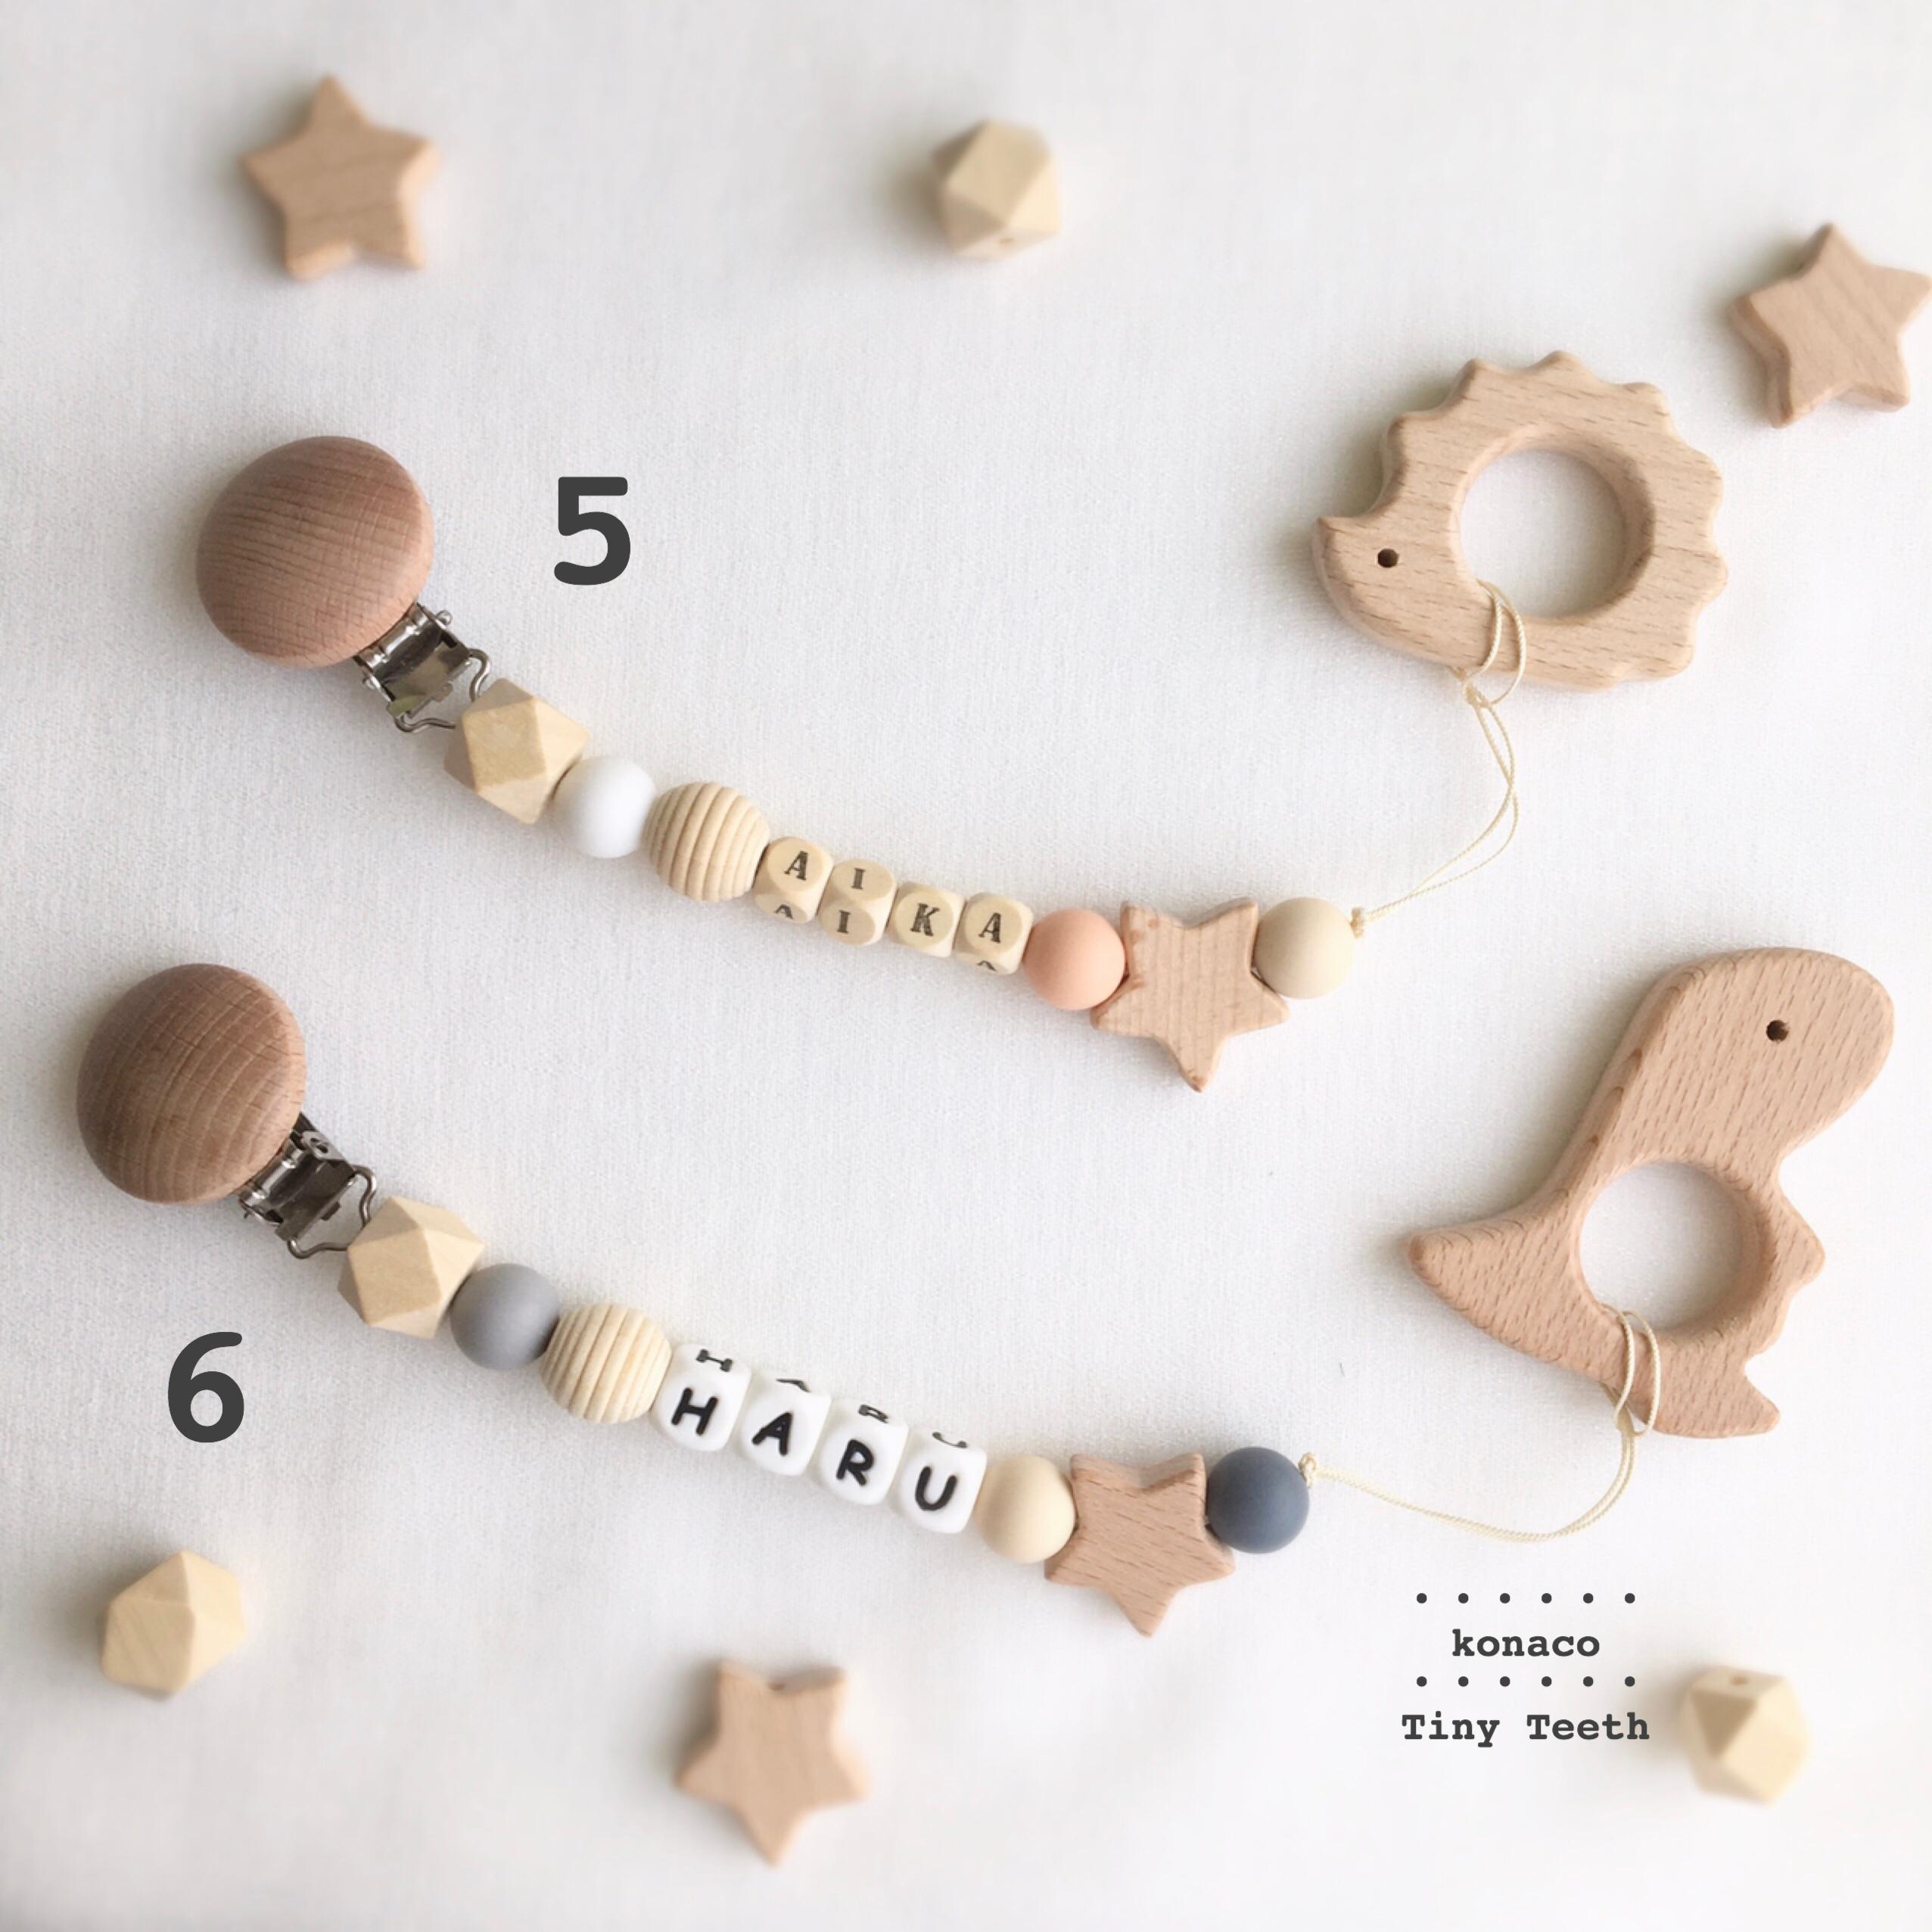 お名前入りおもちゃホルダー*選べるウッドモチーフ*Tiny Teeth*生年月日刻印